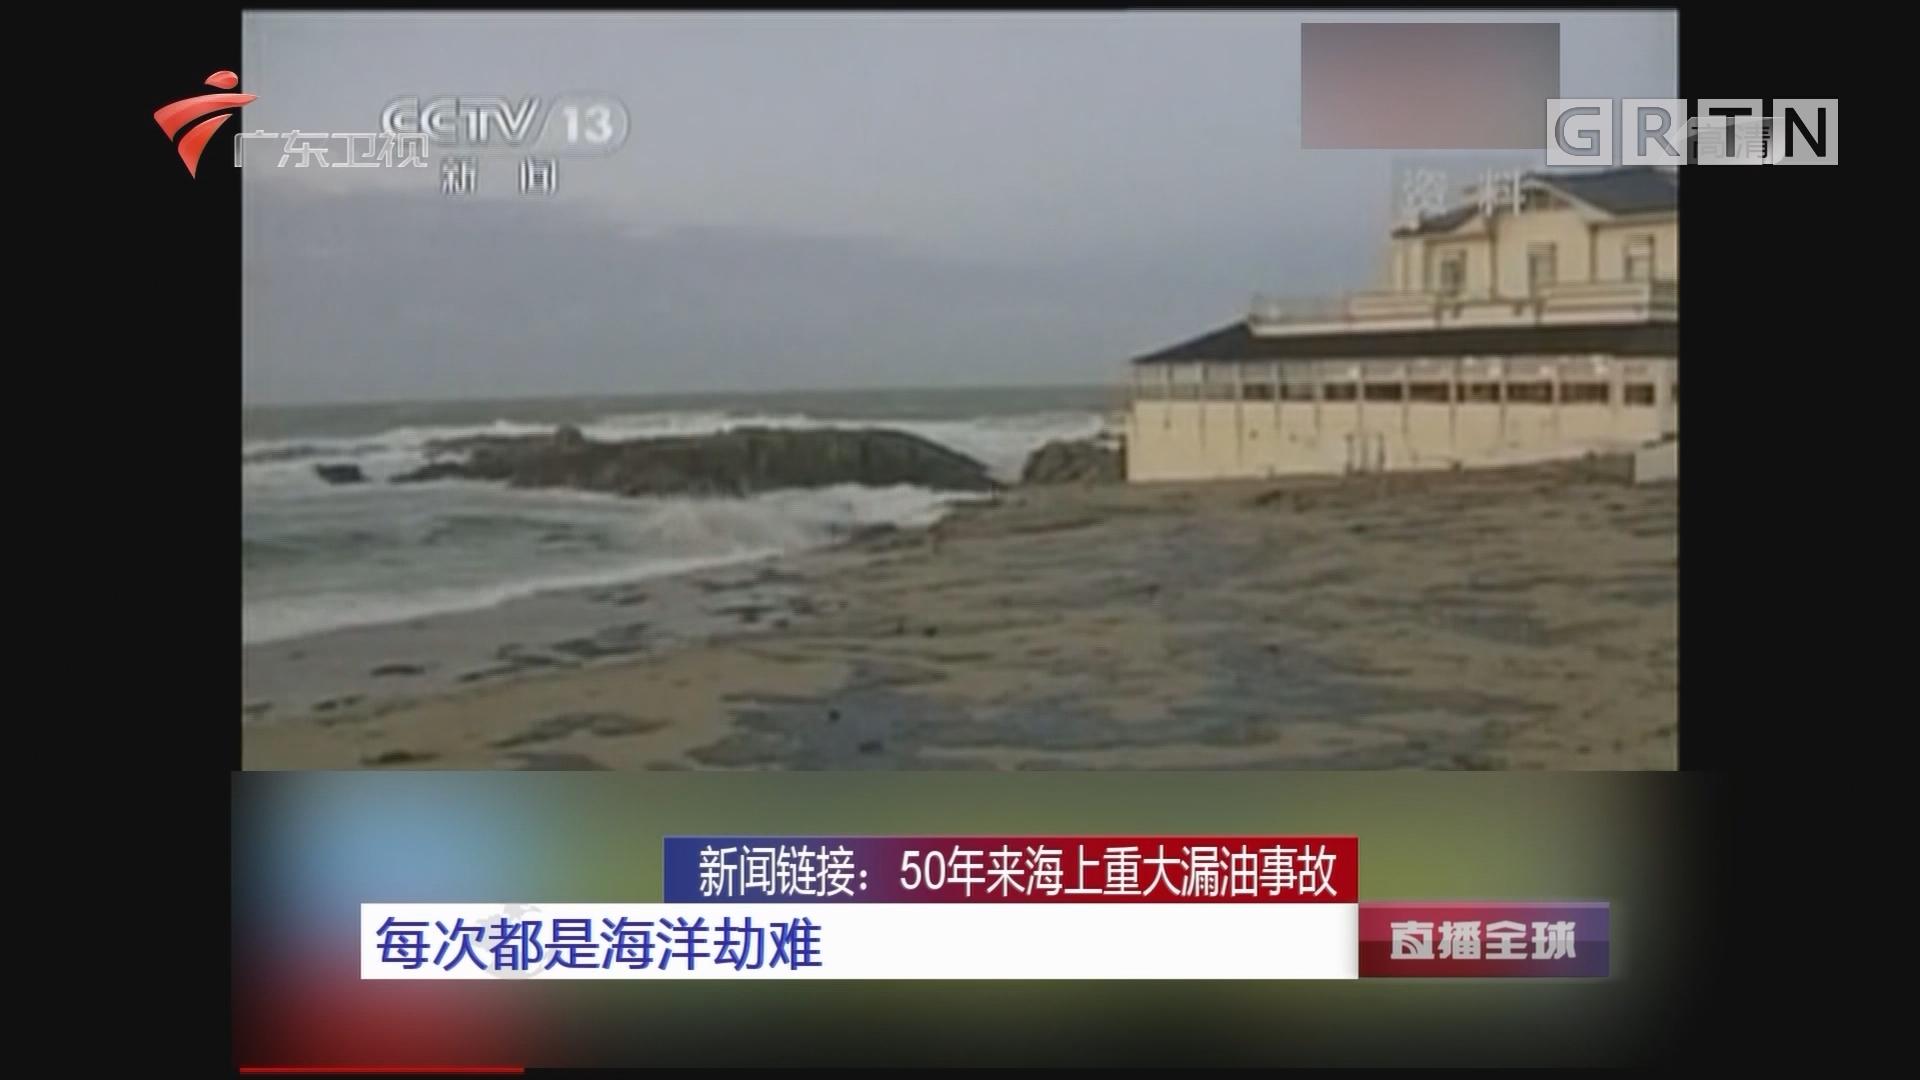 新闻链接:50年来海上重大漏油事故 每次都是海洋劫难